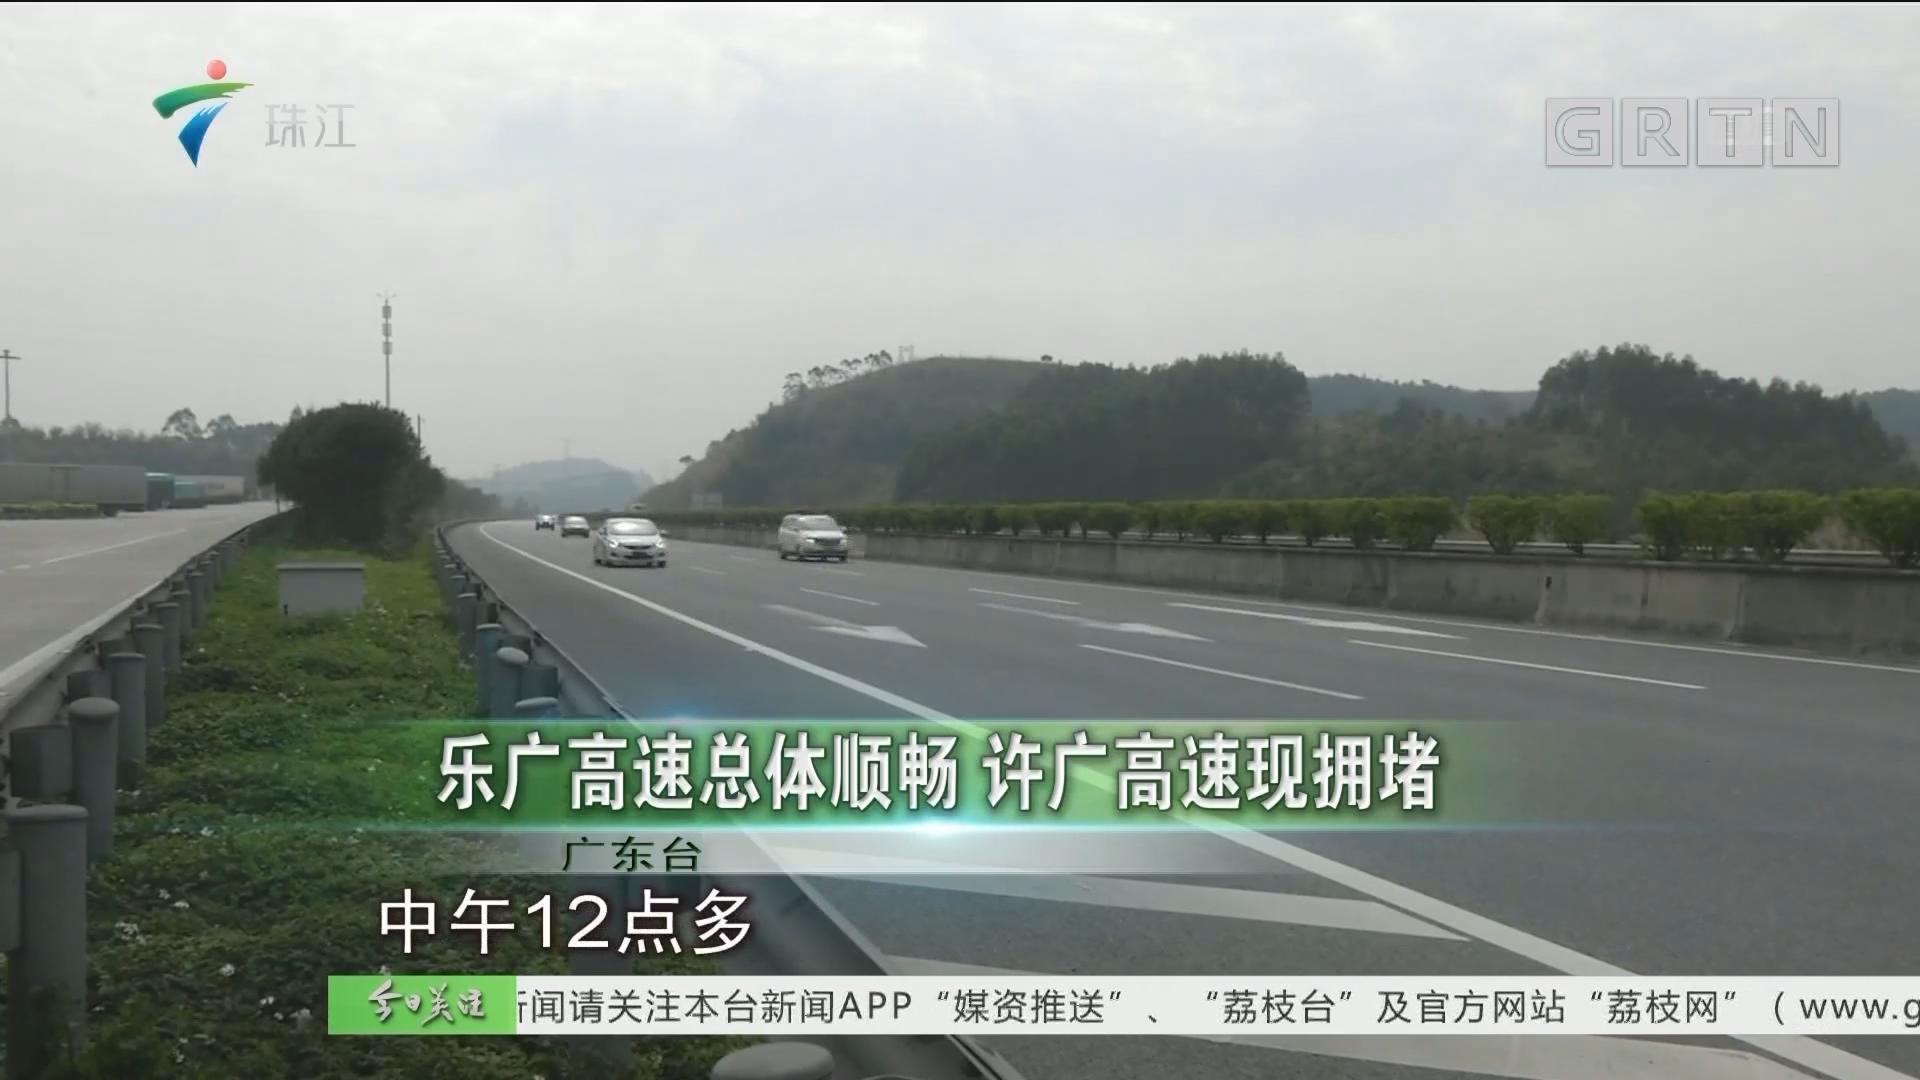 乐广高速总体顺畅 许广高速现拥堵